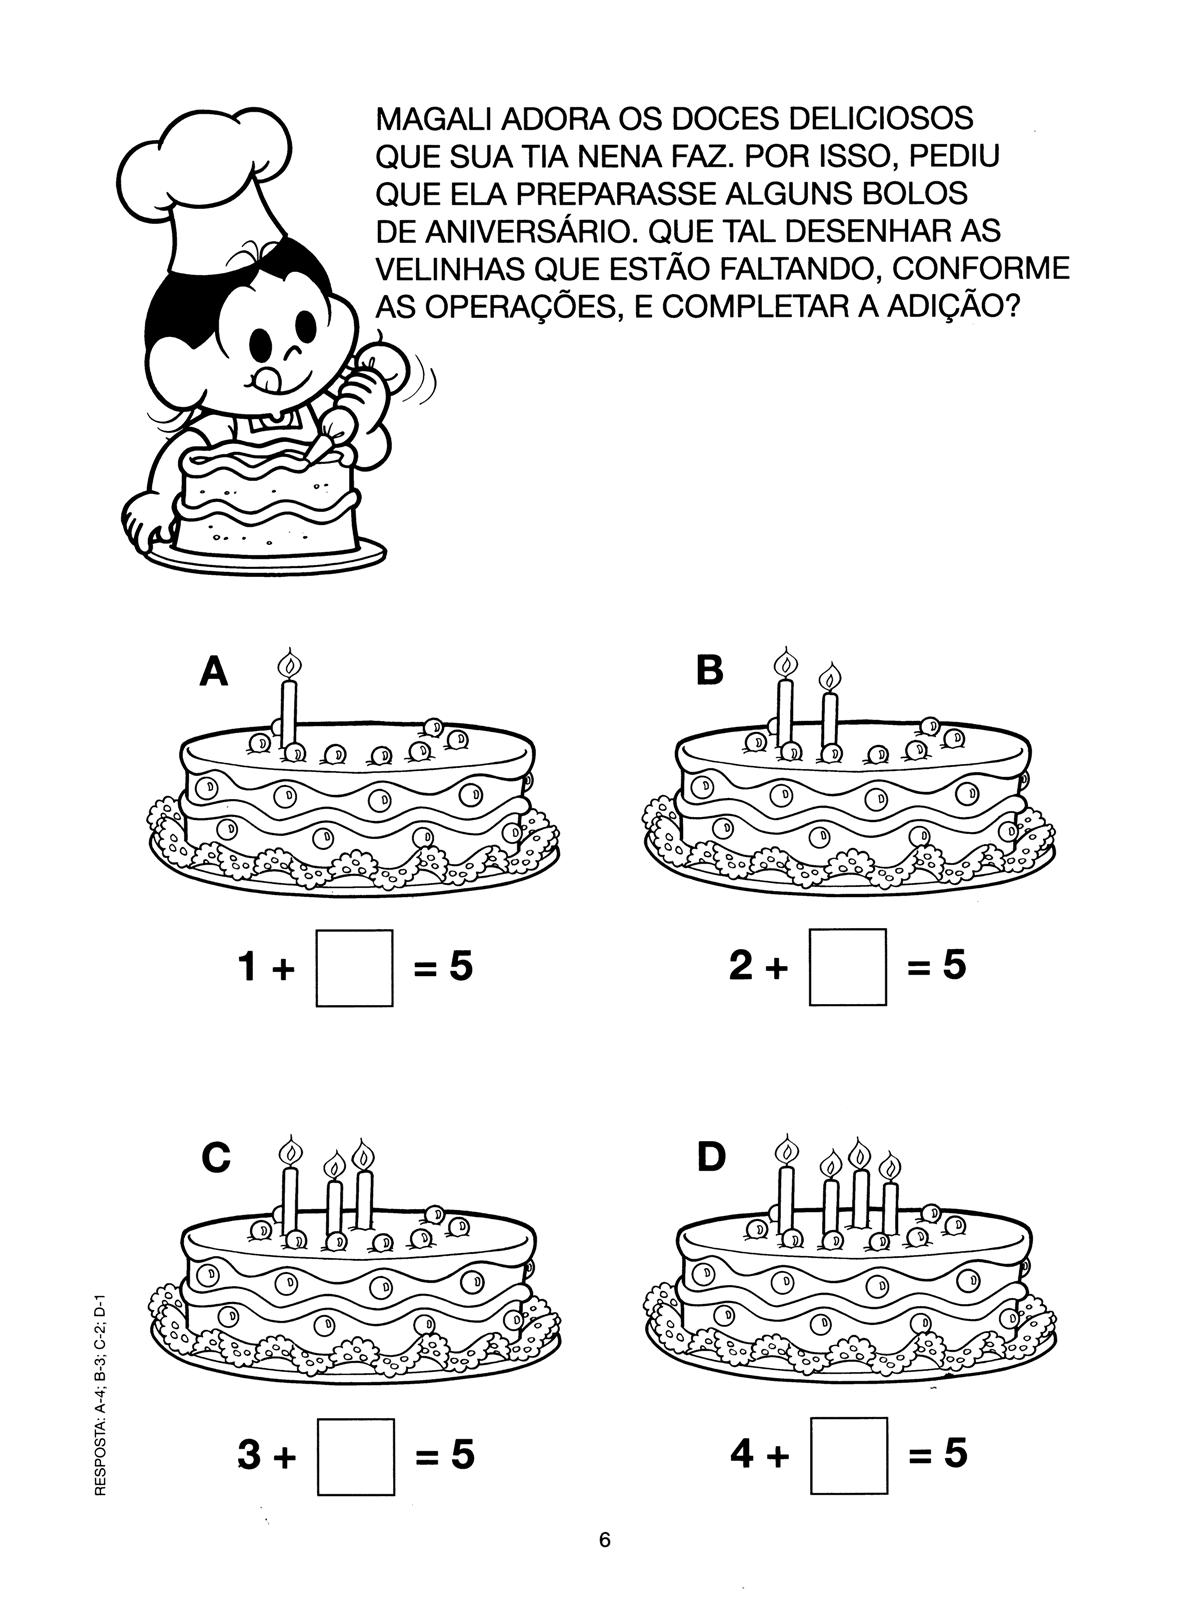 Conhecido Atividades Turma da Mônica - Números e Matemática TC22